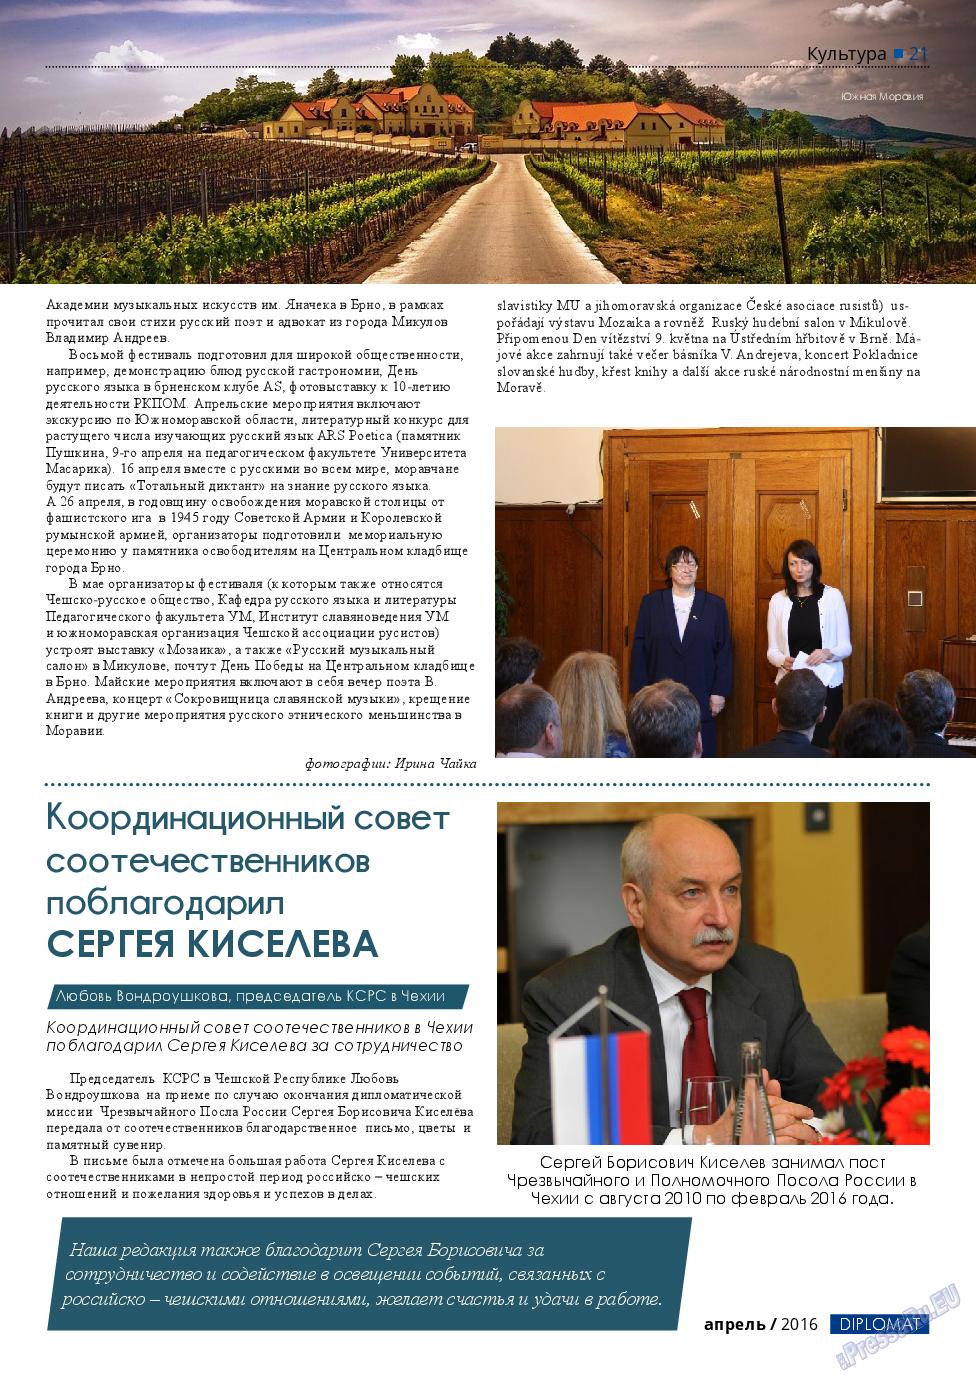 Diplomat (газета). 2016 год, номер 79, стр. 21